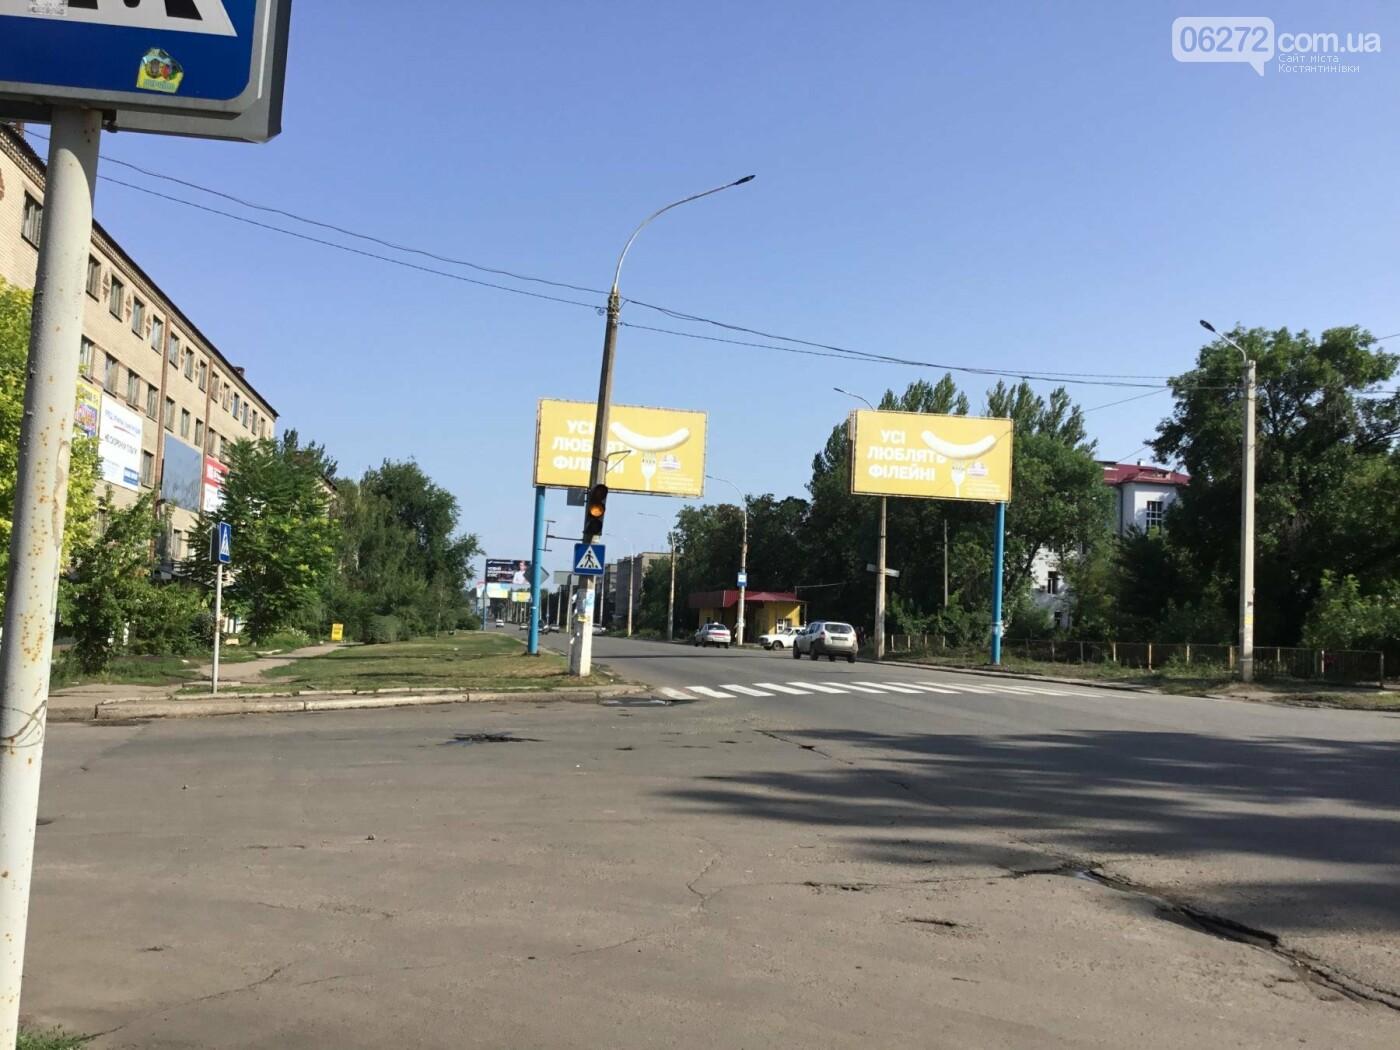 В Константиновке не работают светофоры по проспекту Ломоносова, фото-2